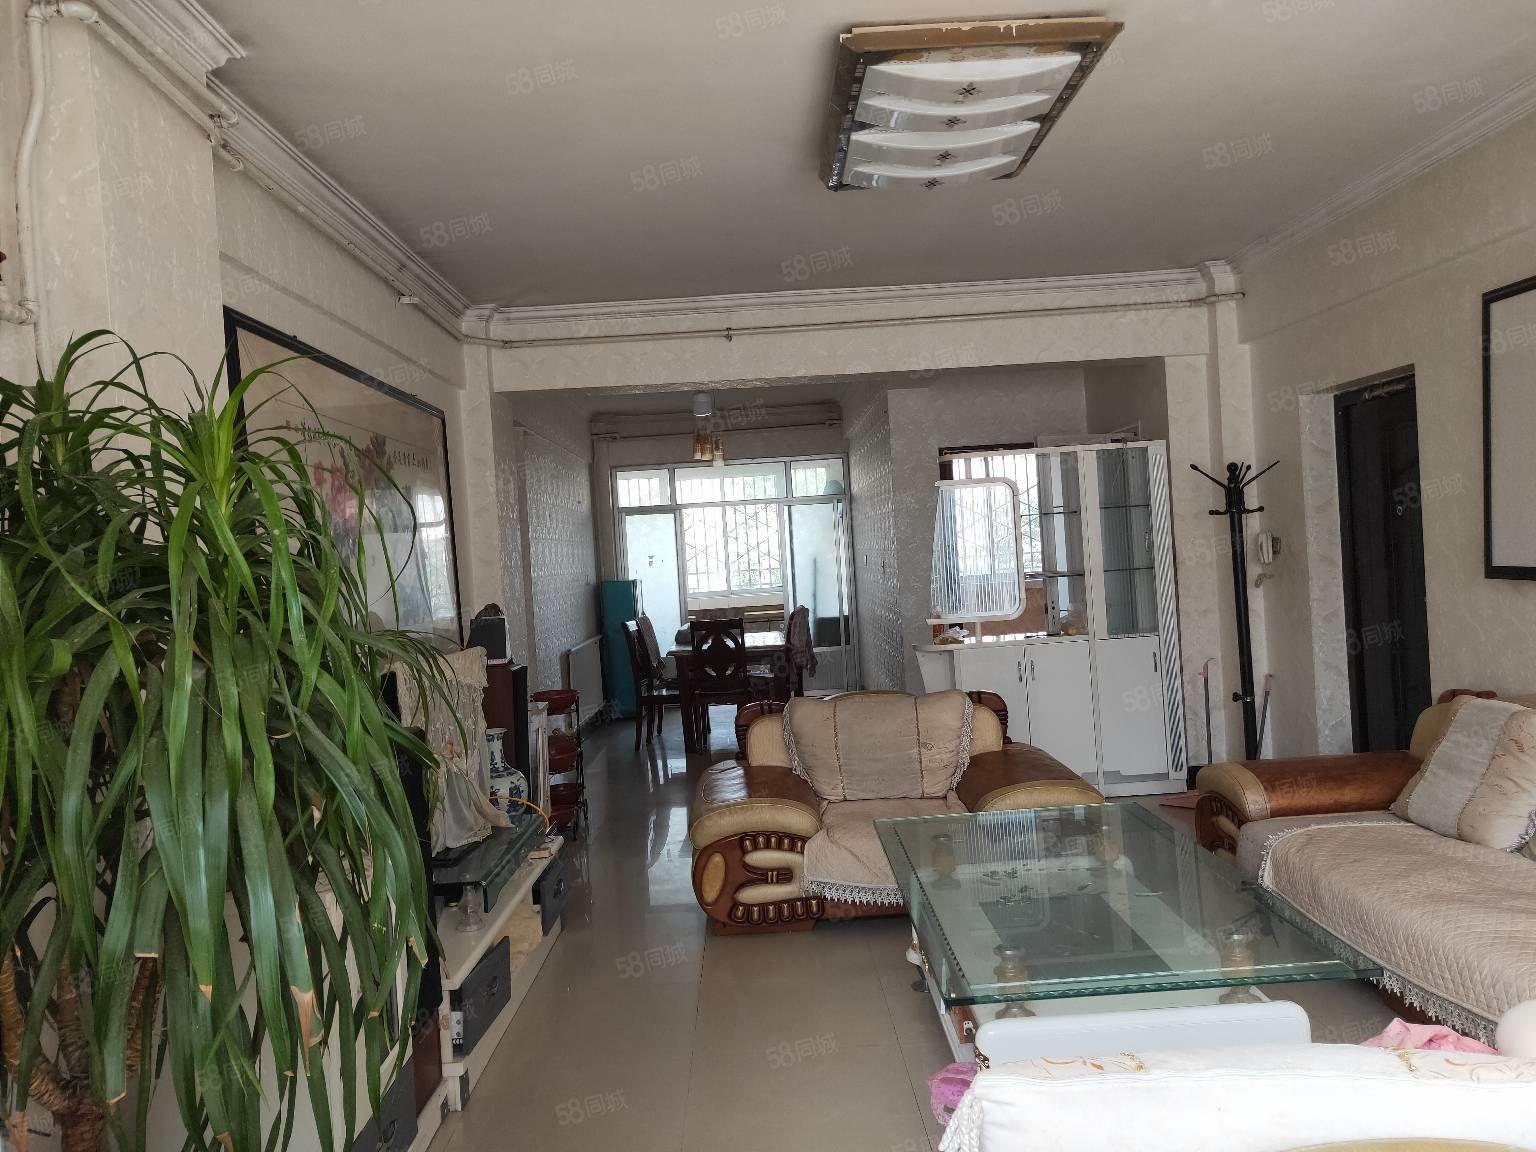 鼓楼家园1楼115平米3室2卫精装带家具家电有证可贷款54万